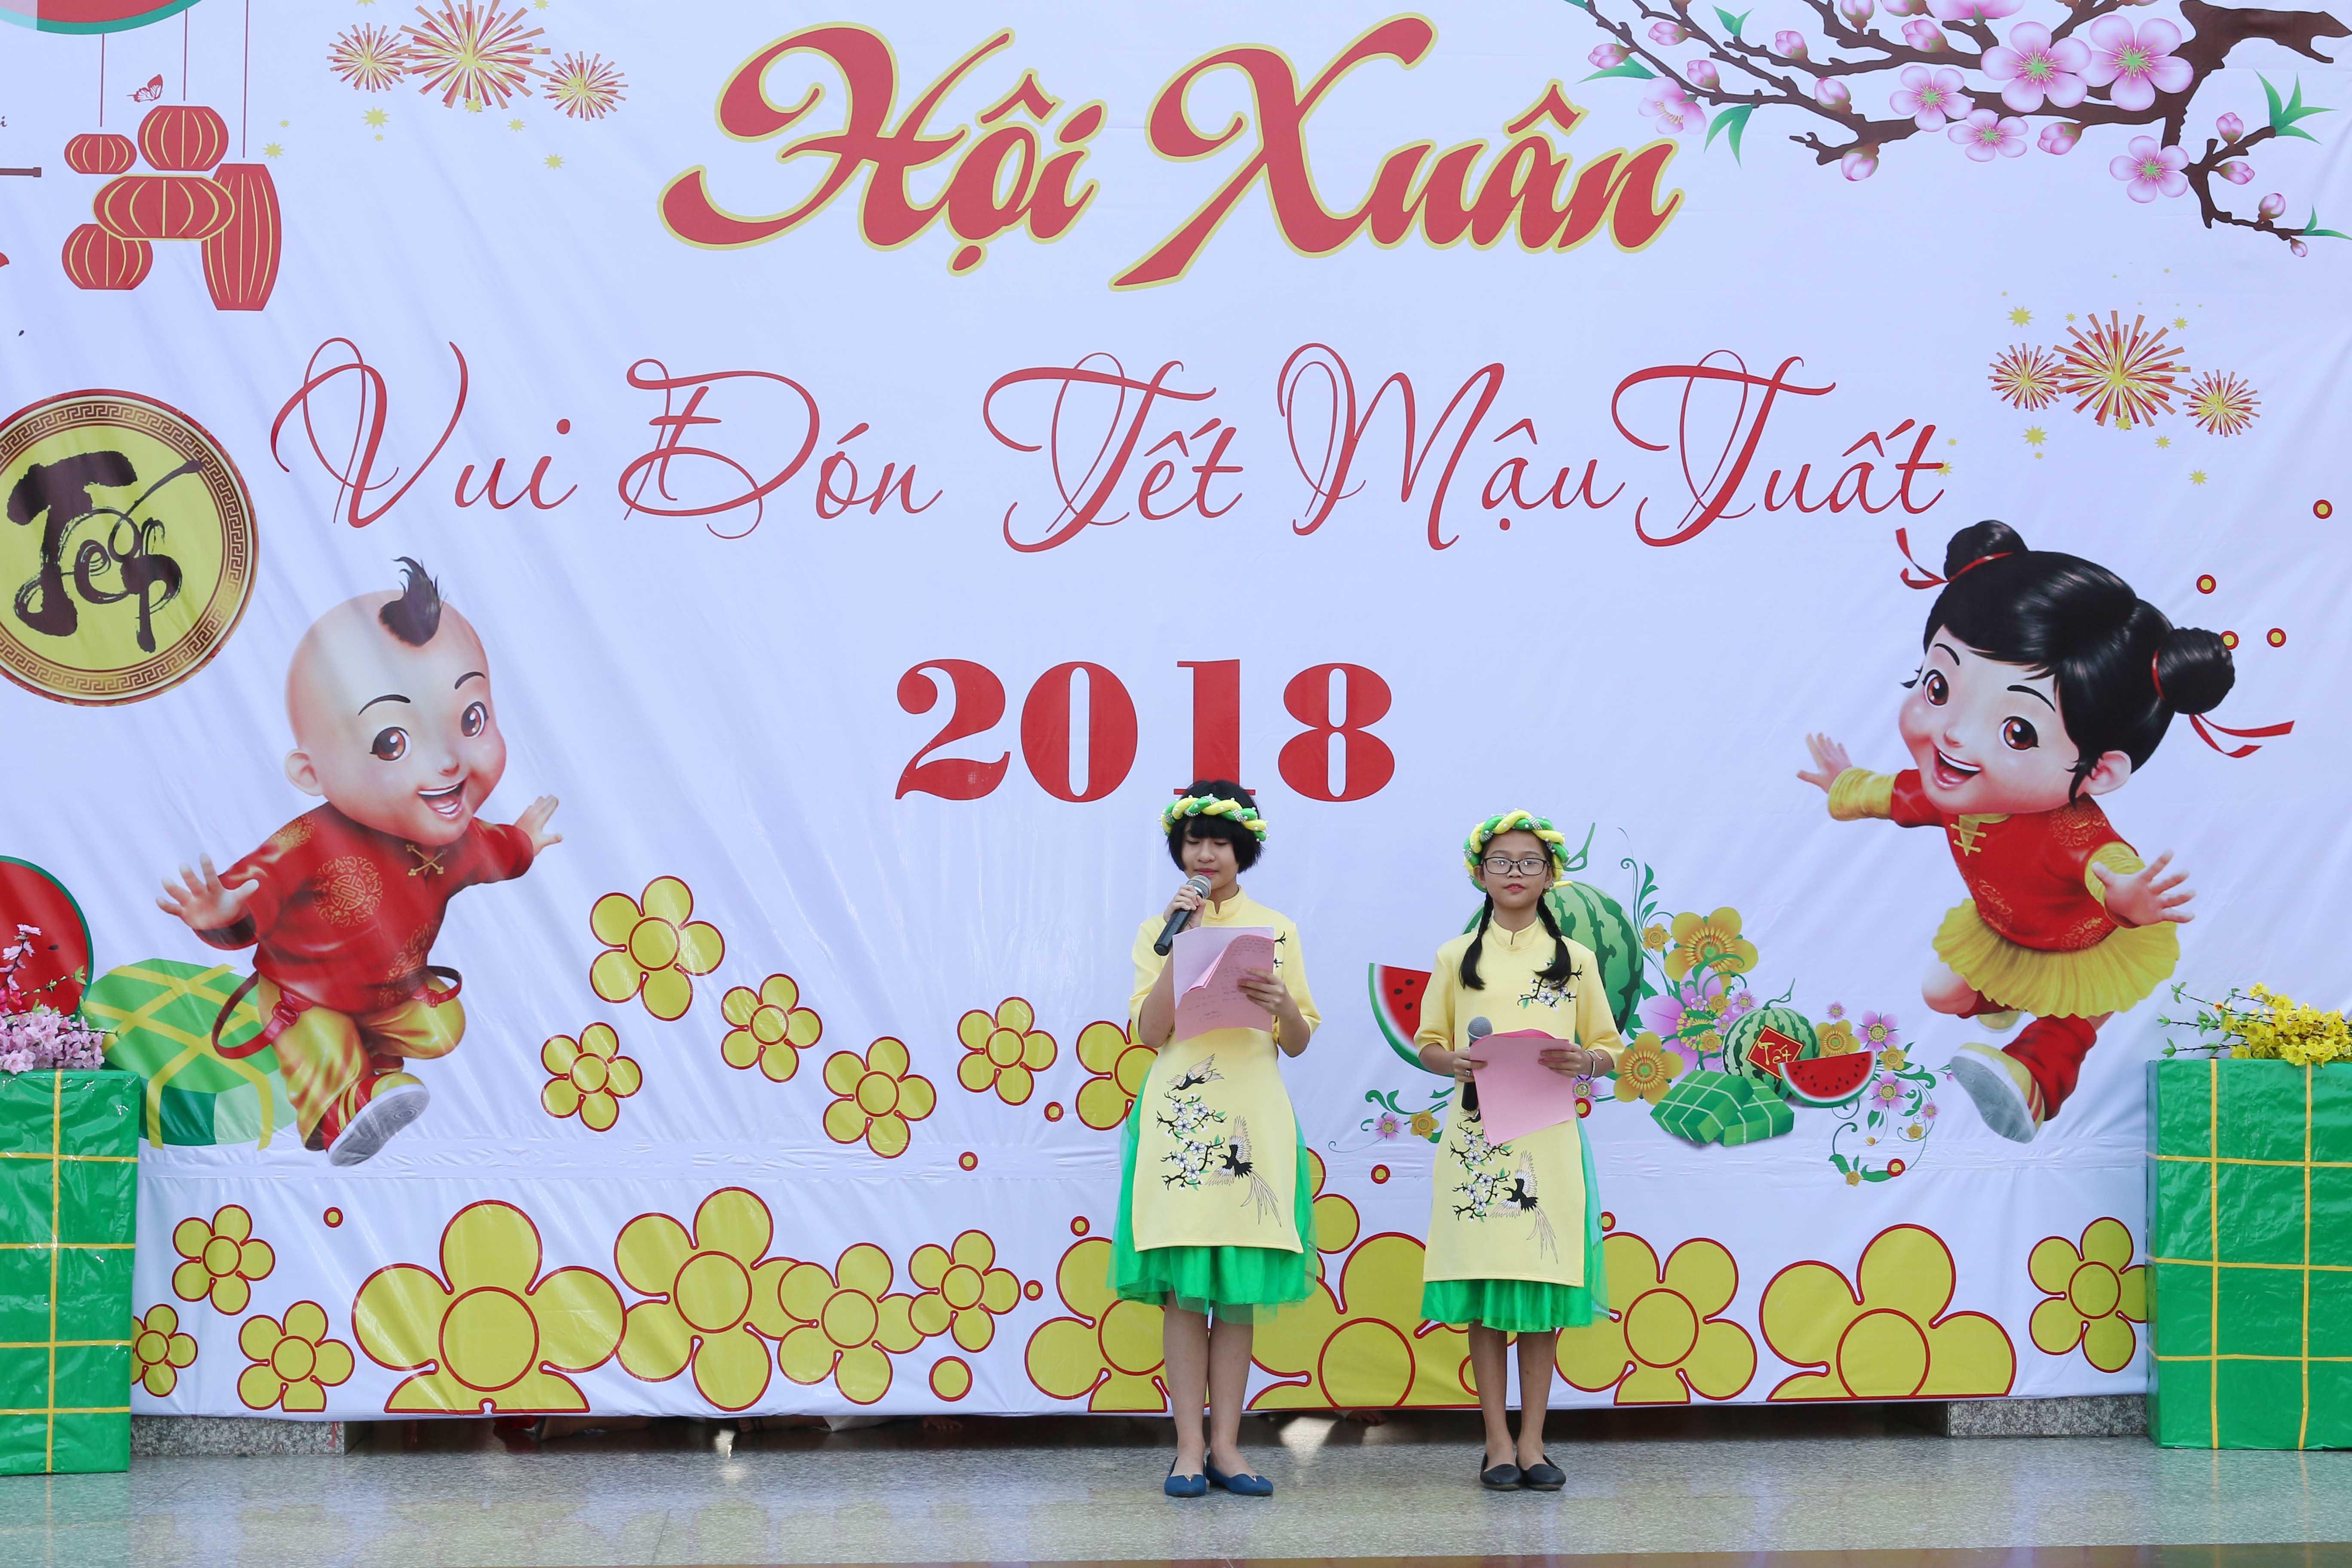 Hội Xuân Vui Đón Tết Mậu Tuất 2018